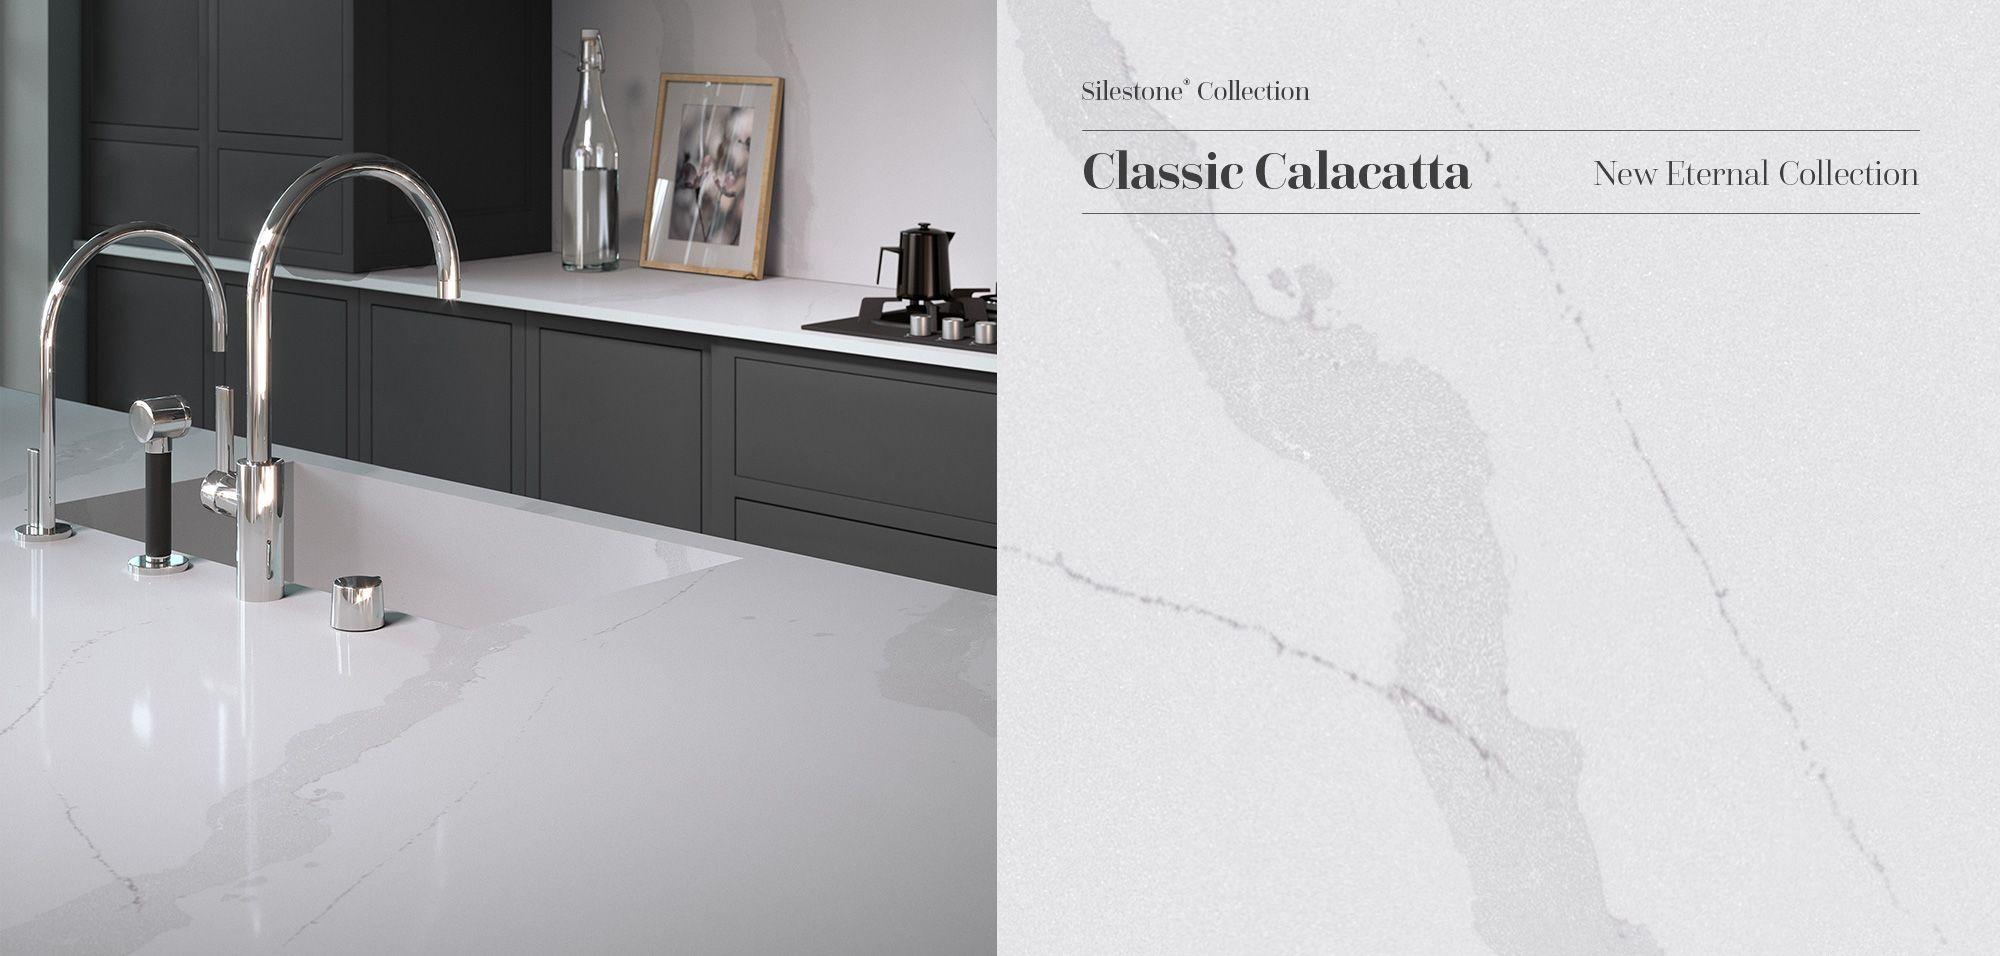 Elegant and subtle Silestone Classic Calacatta reinterprets